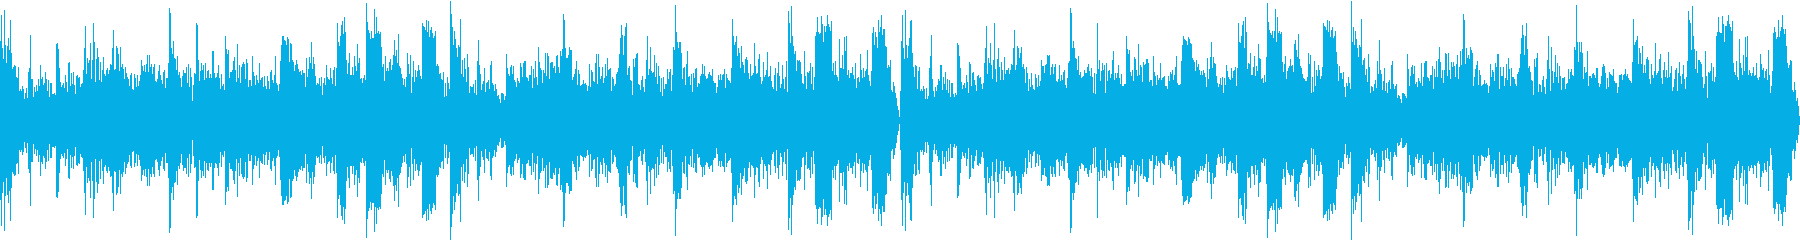 不気味で緊迫感のあるホラー風テクノの再生済みの波形